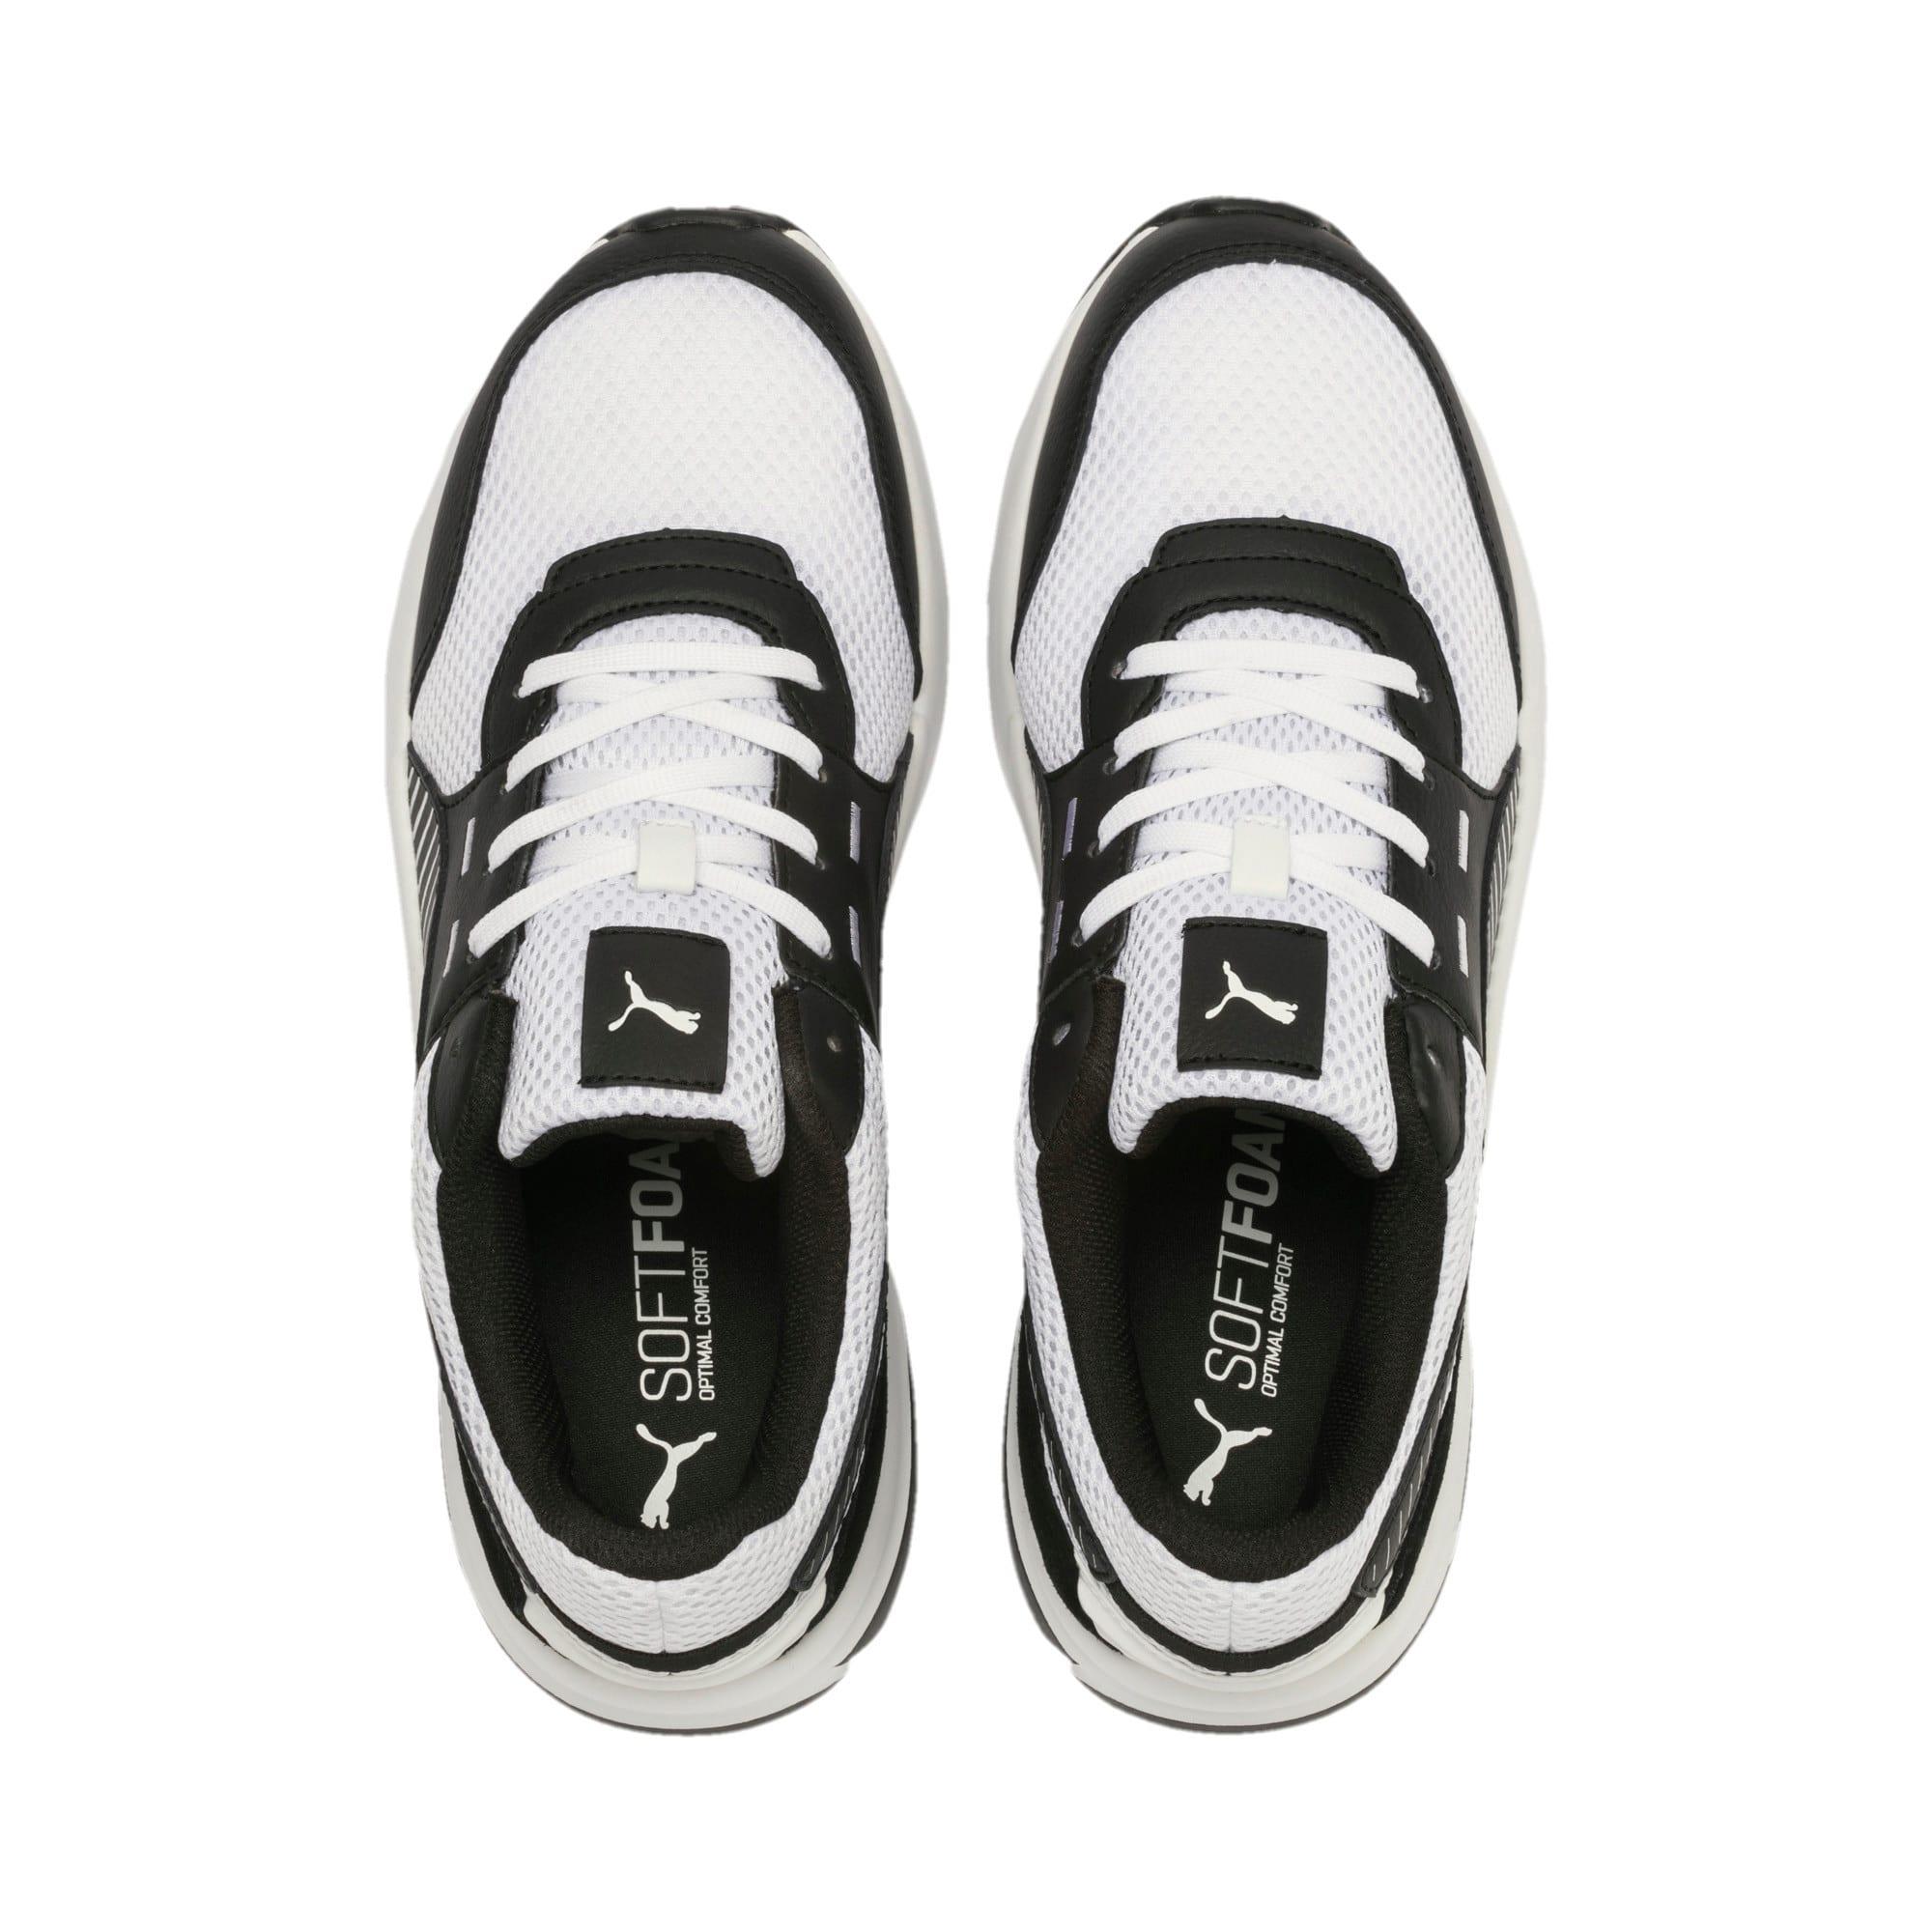 Thumbnail 4 of Future Runner Premium Running Shoes, Puma White-Puma Black, medium-IND